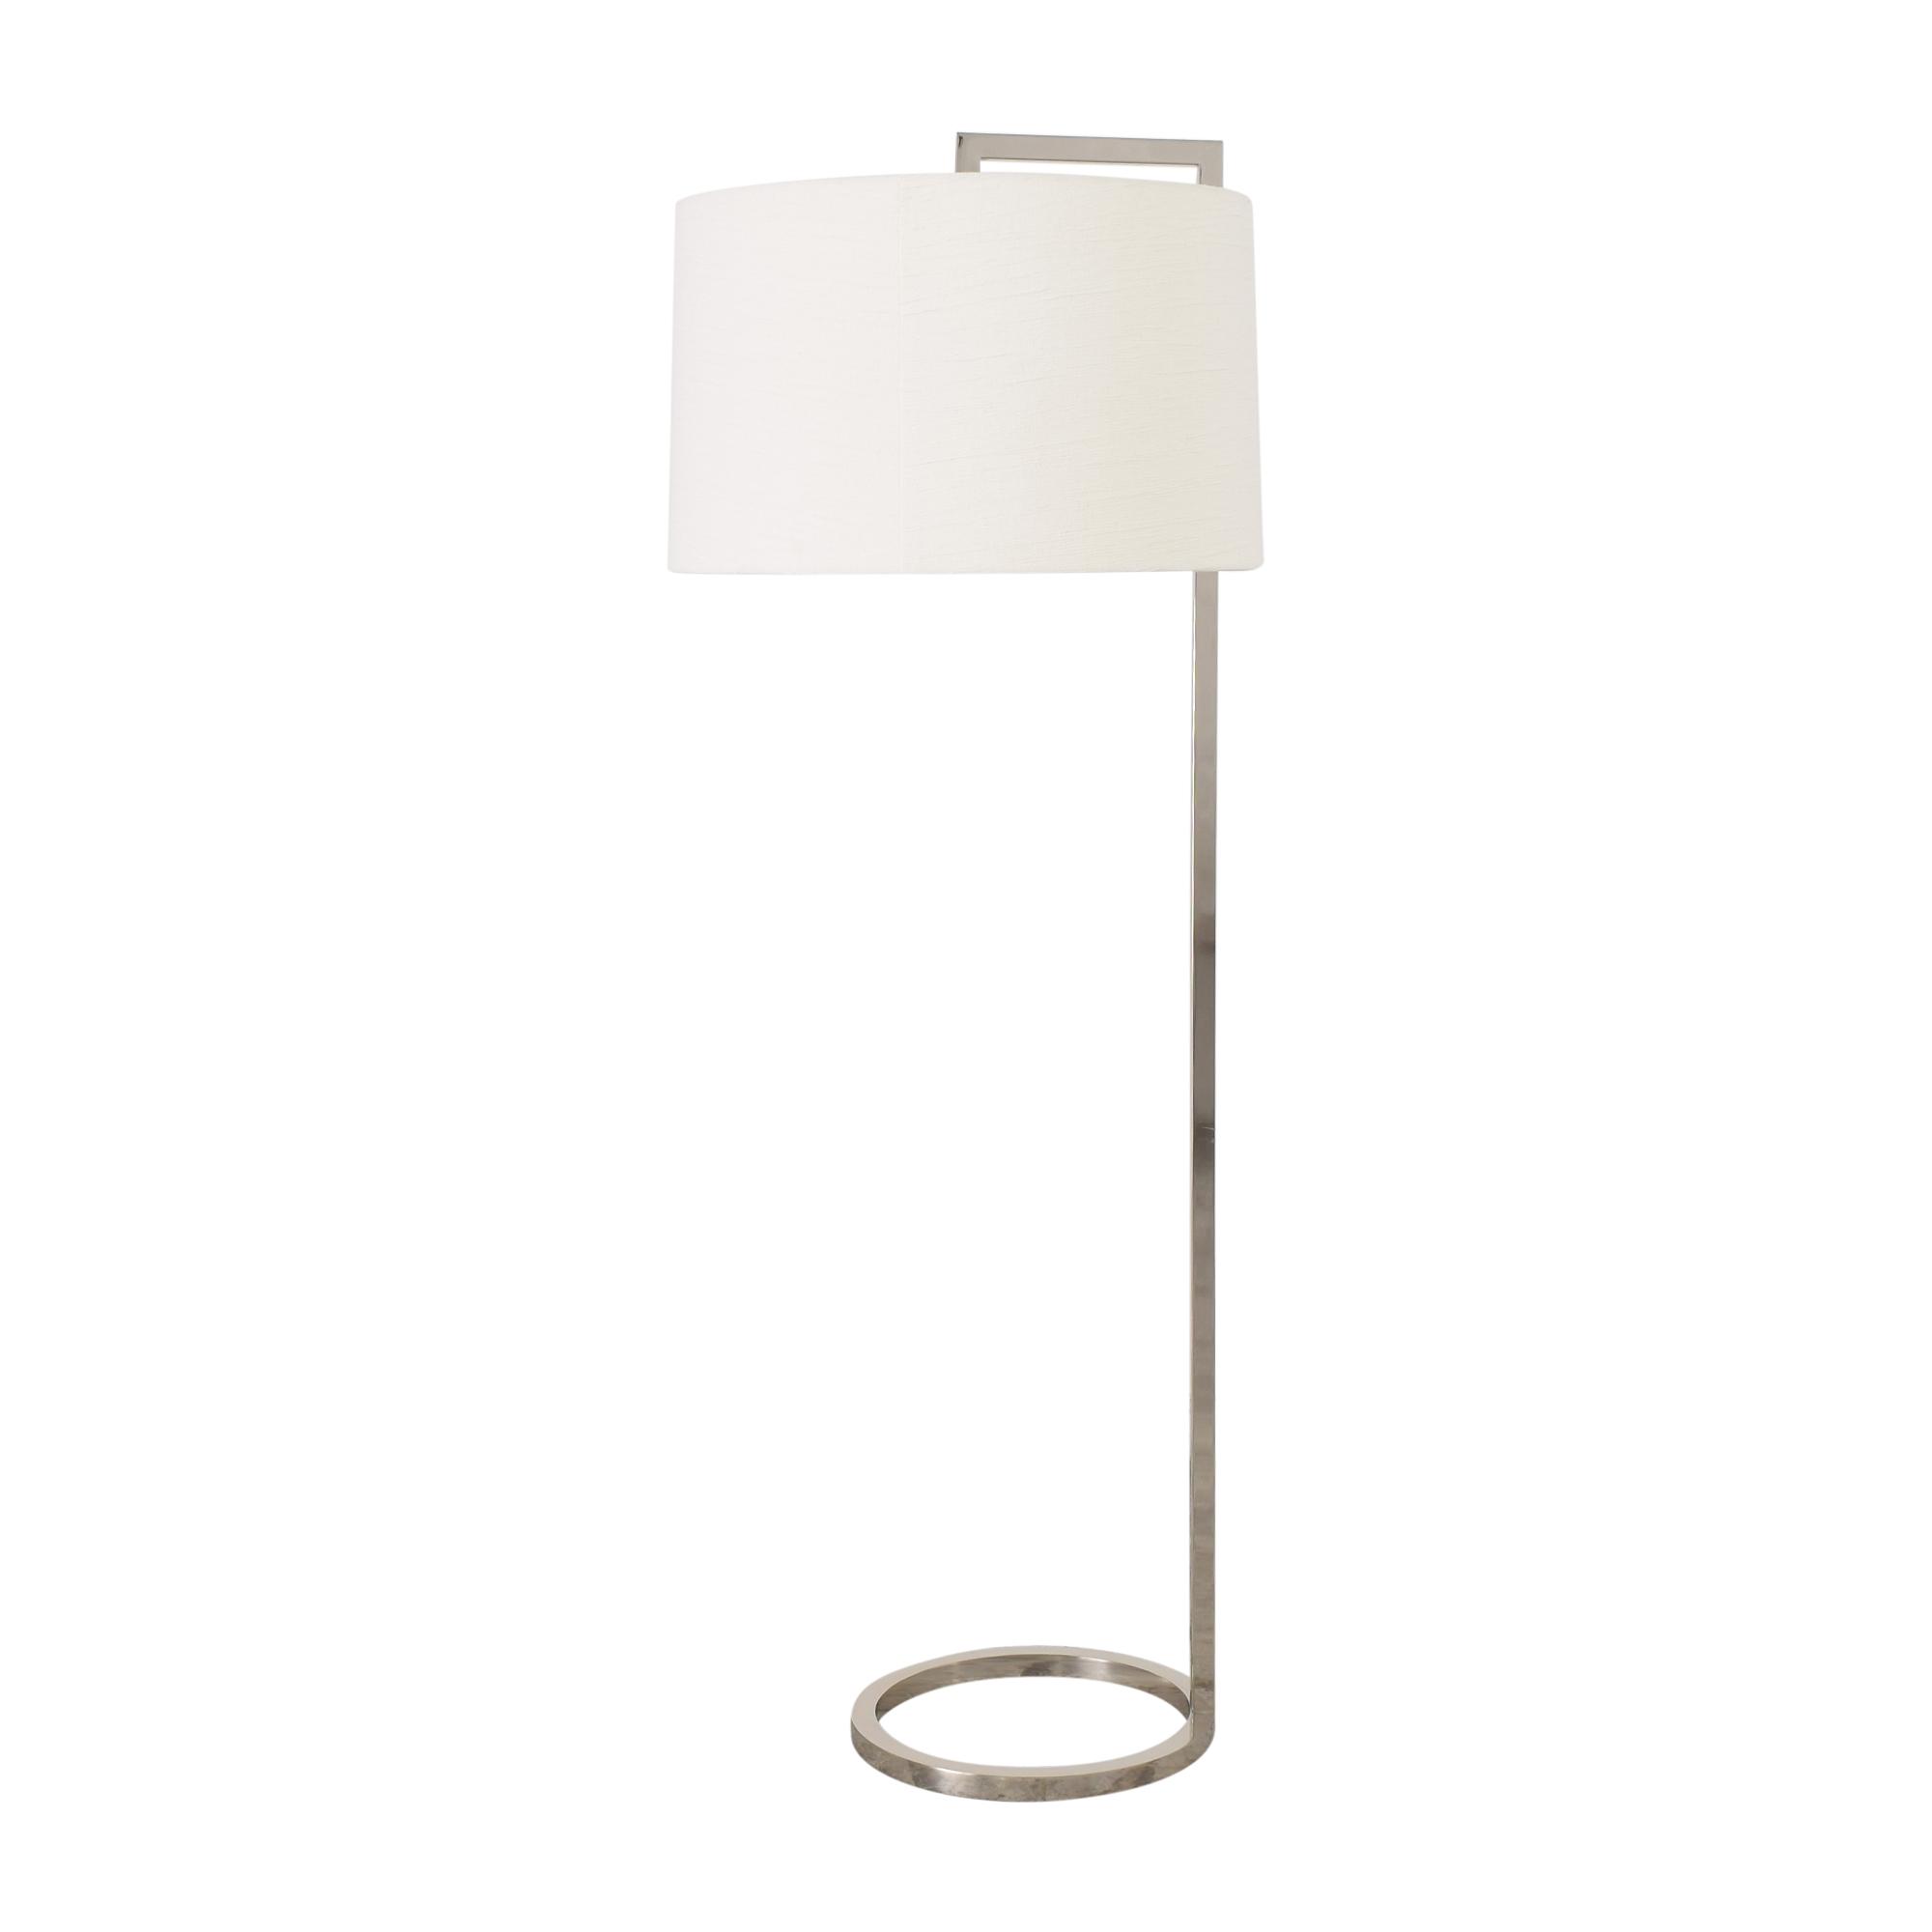 Arteriors Arteriors Belden Floor Lamp